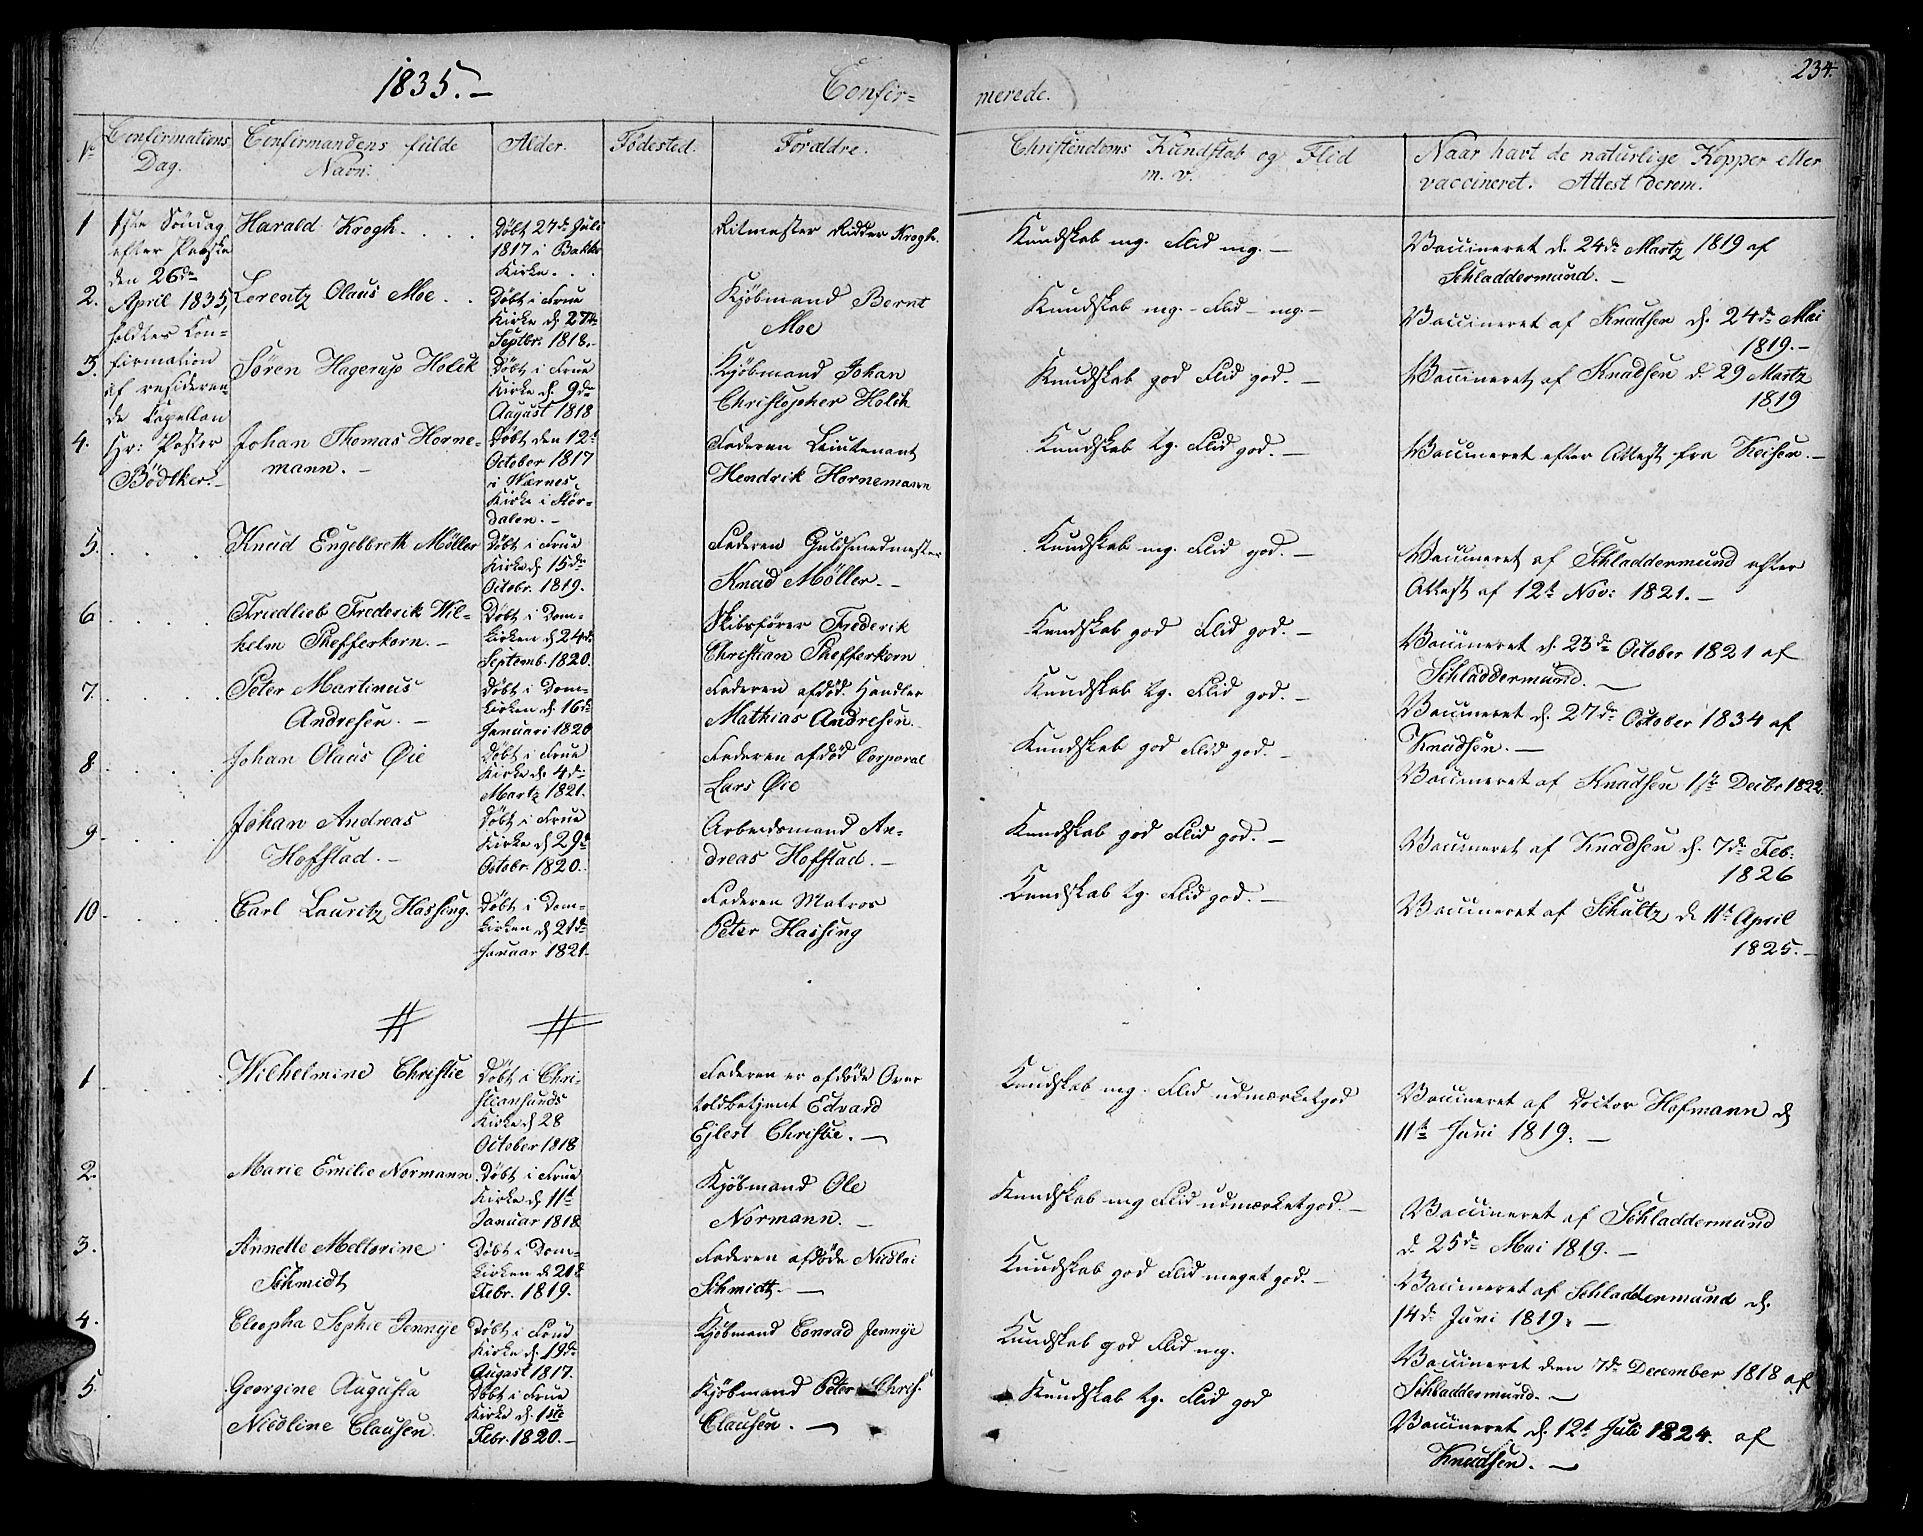 SAT, Ministerialprotokoller, klokkerbøker og fødselsregistre - Sør-Trøndelag, 602/L0108: Ministerialbok nr. 602A06, 1821-1839, s. 234